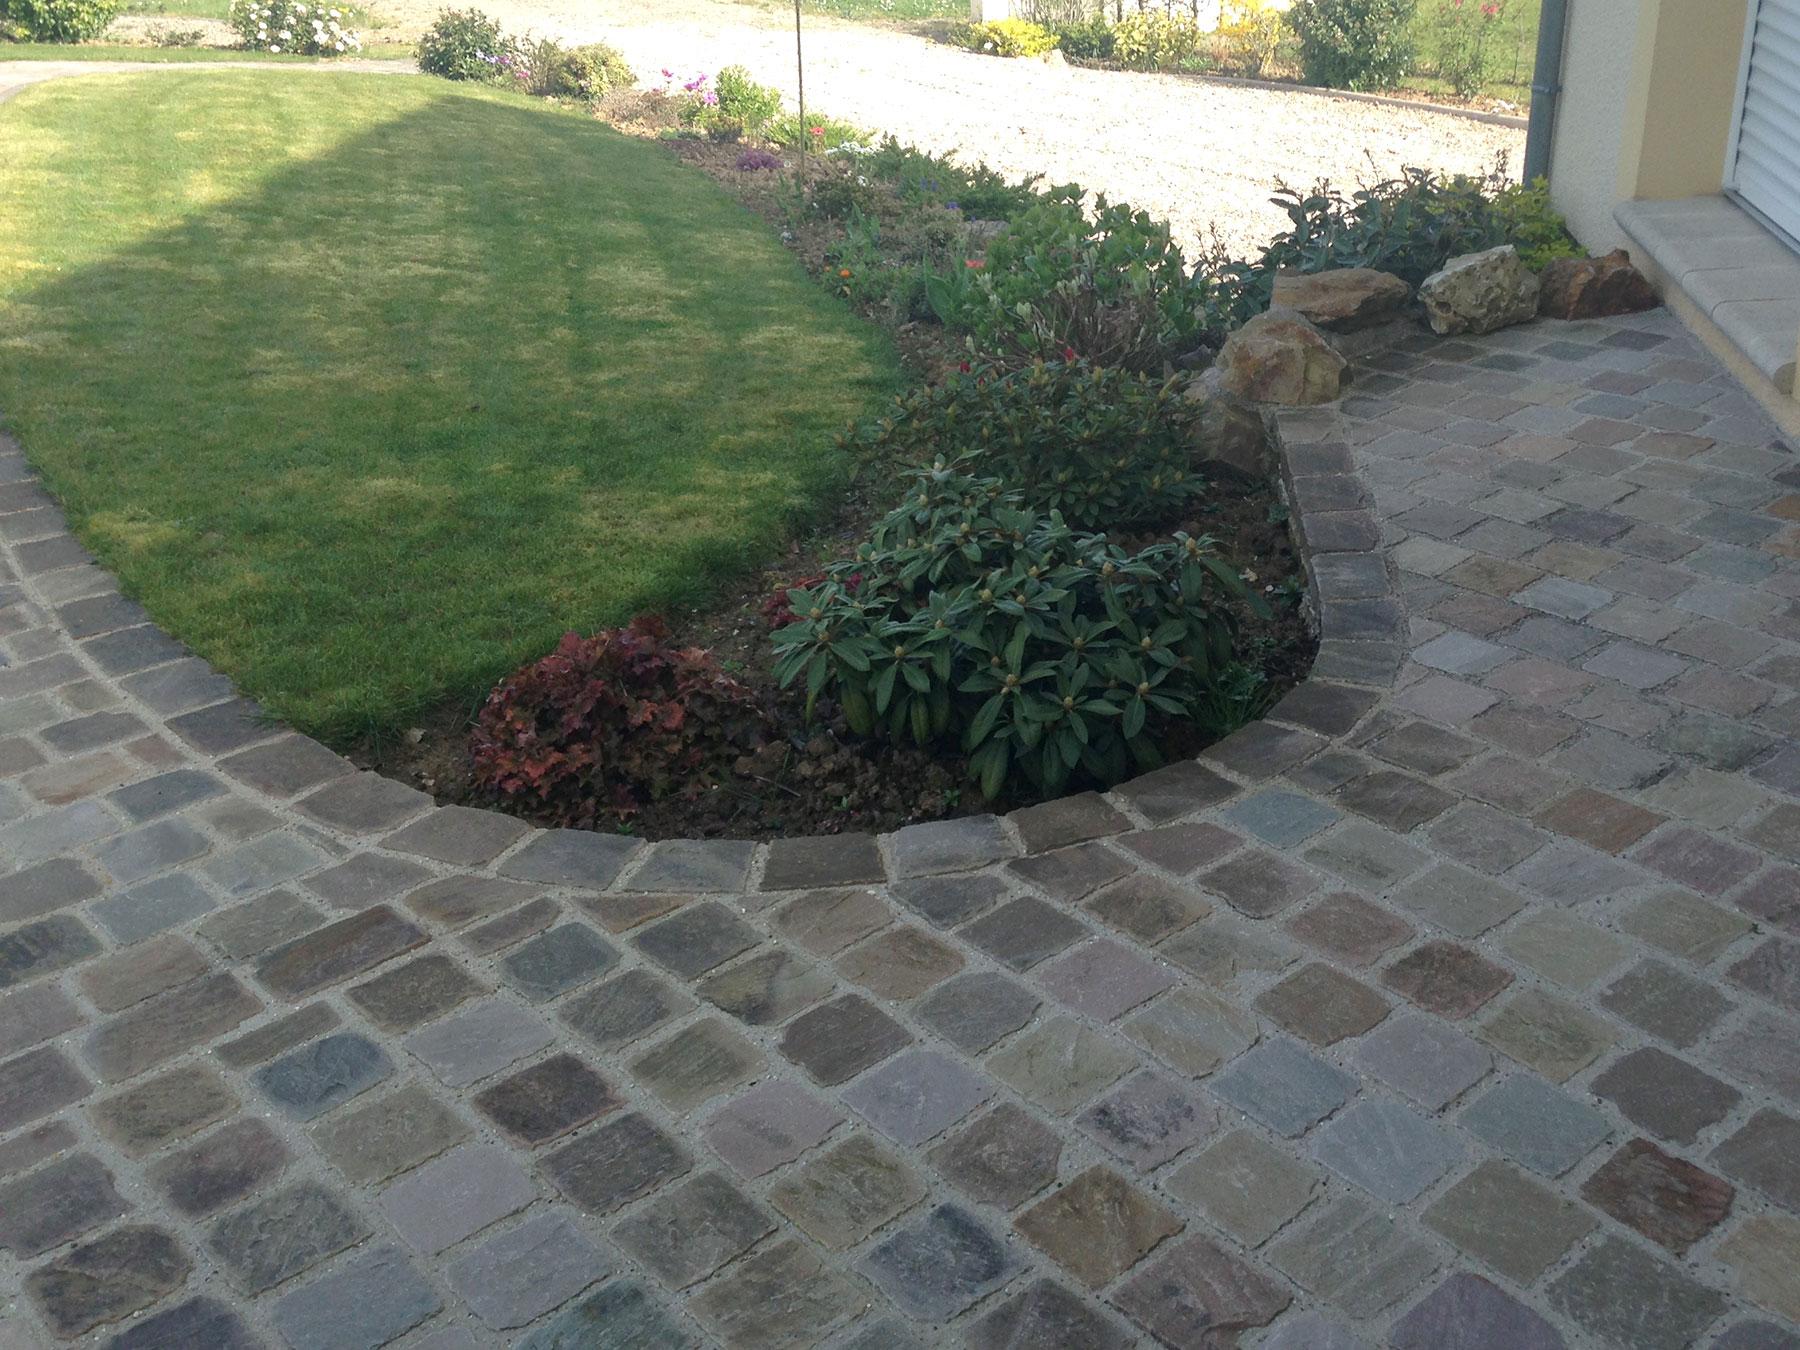 Haut du trottoir de jardin en virage